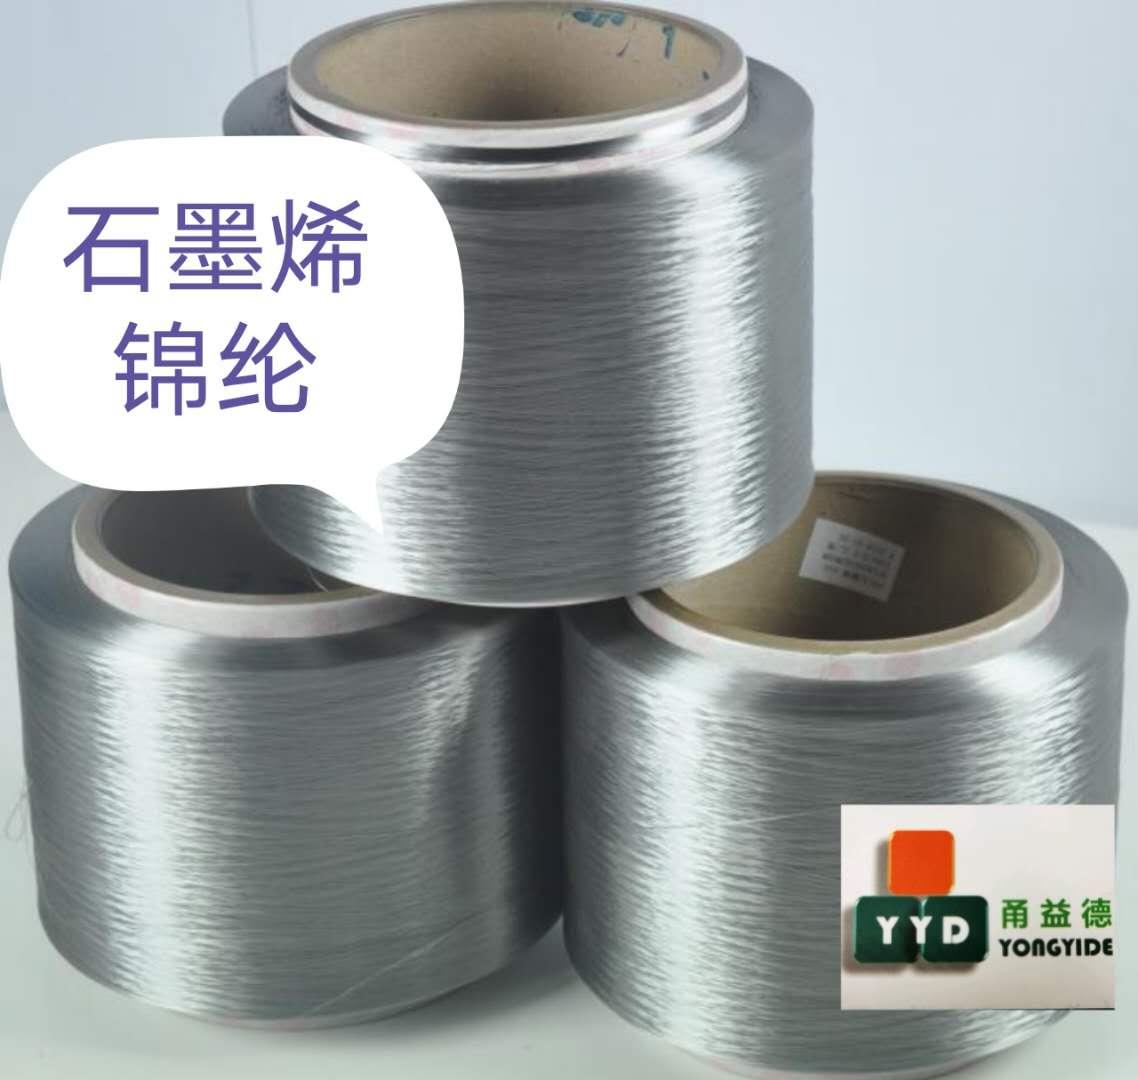 石墨烯改性锦纶 FDY75D/70F/宁波益德新材料有限公司